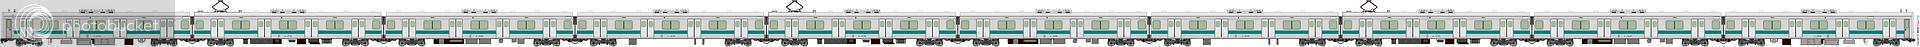 [5141] 日本國有鐵道 2141